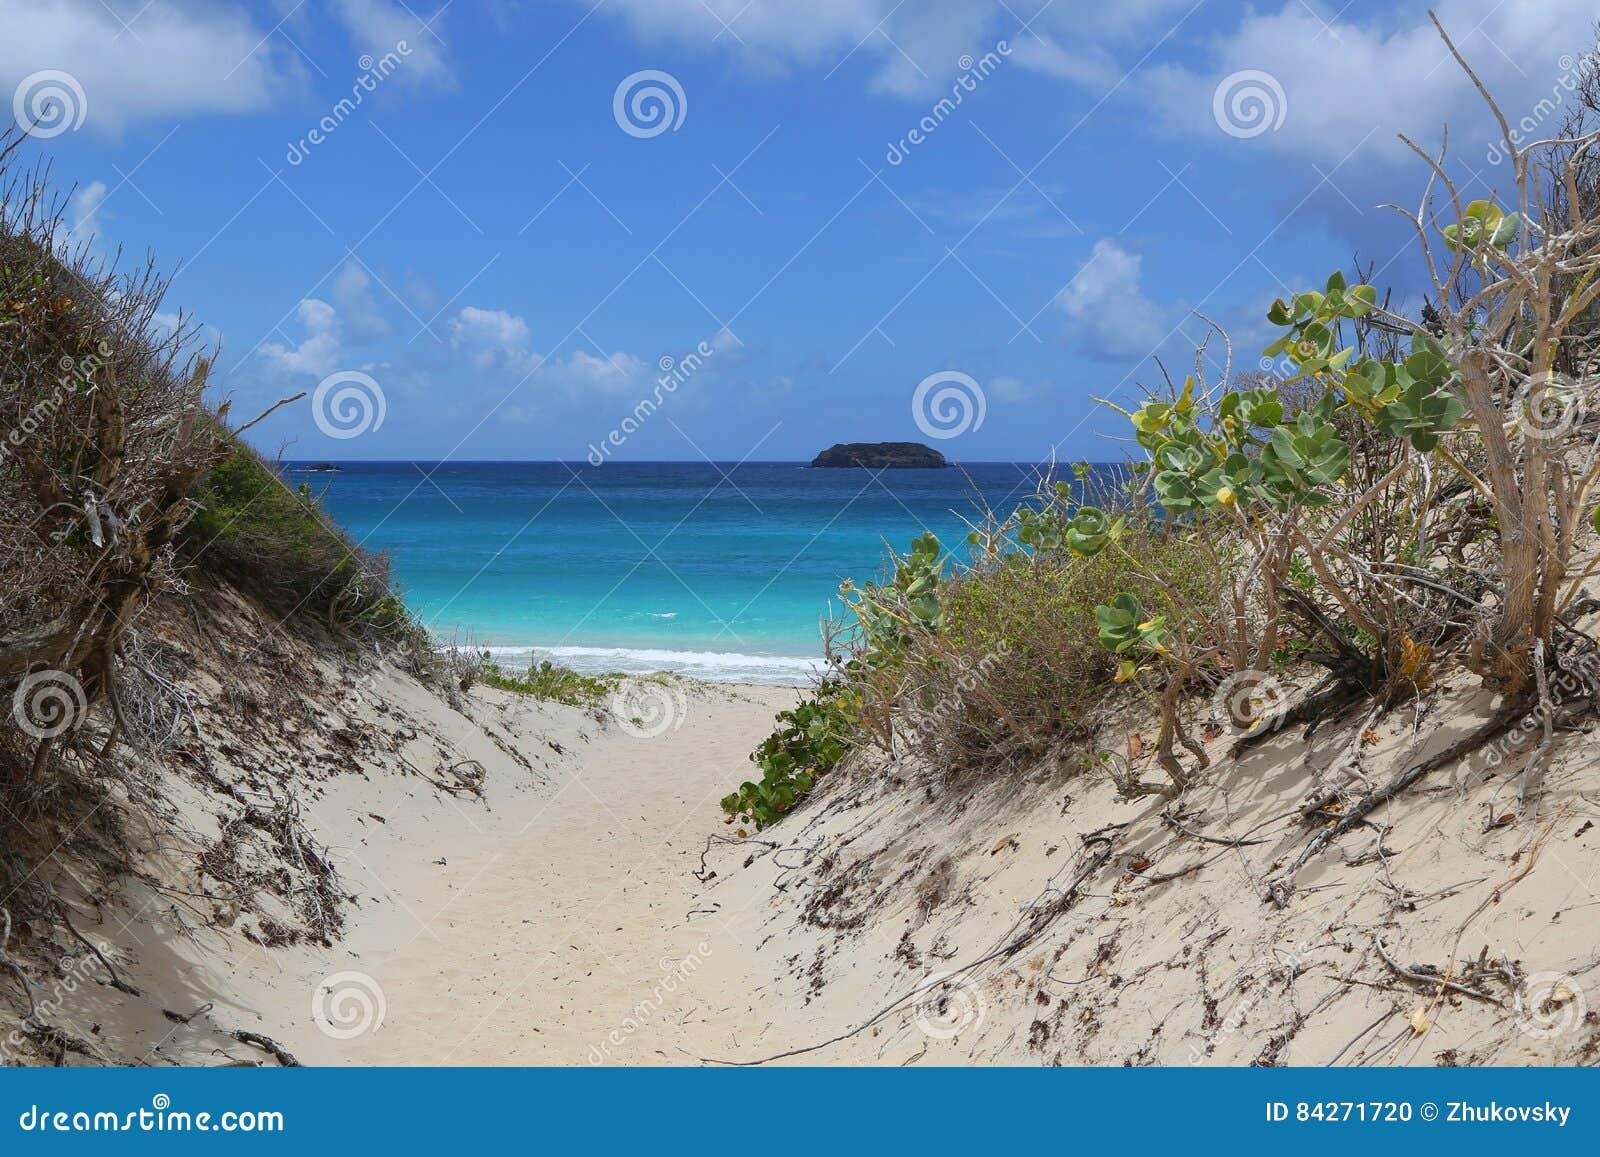 Plage saline, St Barts, Antilles françaises